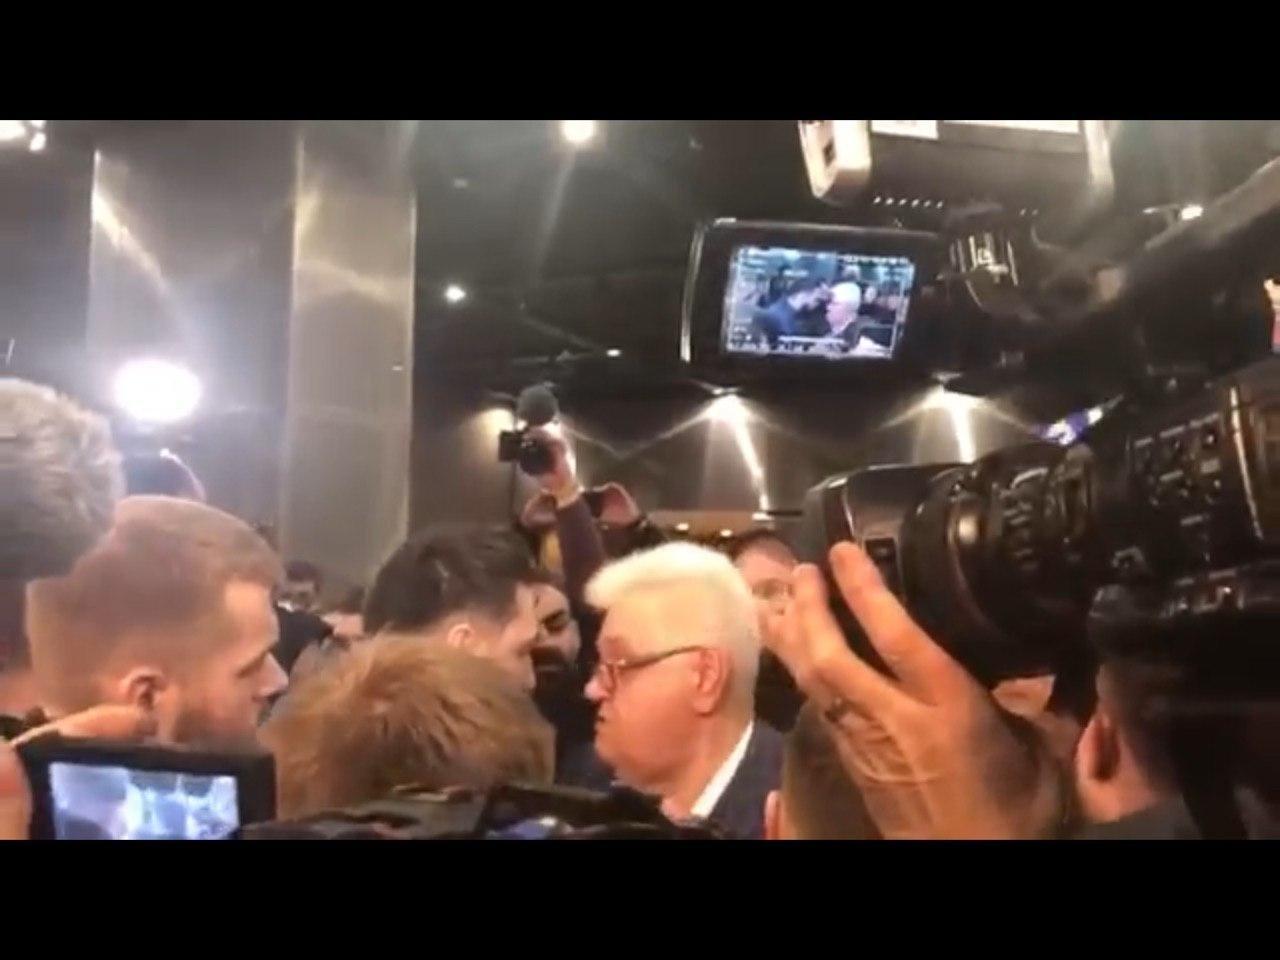 """Активисты сорвали """"Сивохо-платформу"""", """"Нацкорпус"""" заявил о госизмене, а известный журналист - о вызове для Зеленского - ФОТО, ВИДЕО, фото-1"""